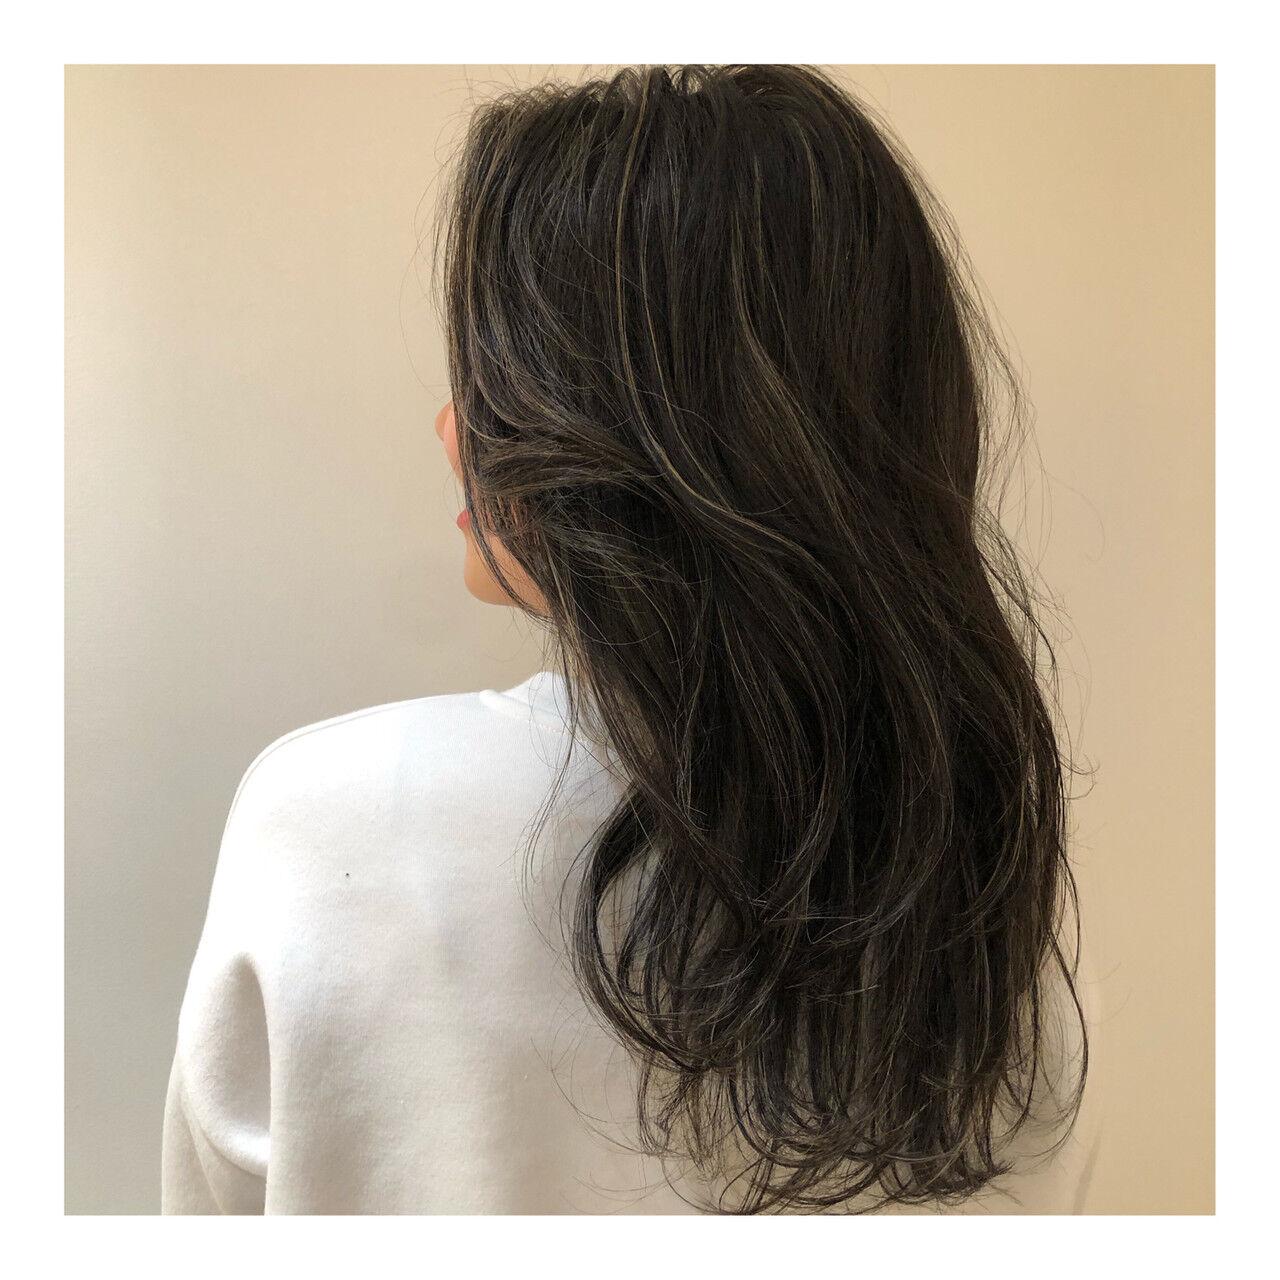 ヘルシー 外国人風カラー ハイライト 抜け感ヘアスタイルや髪型の写真・画像